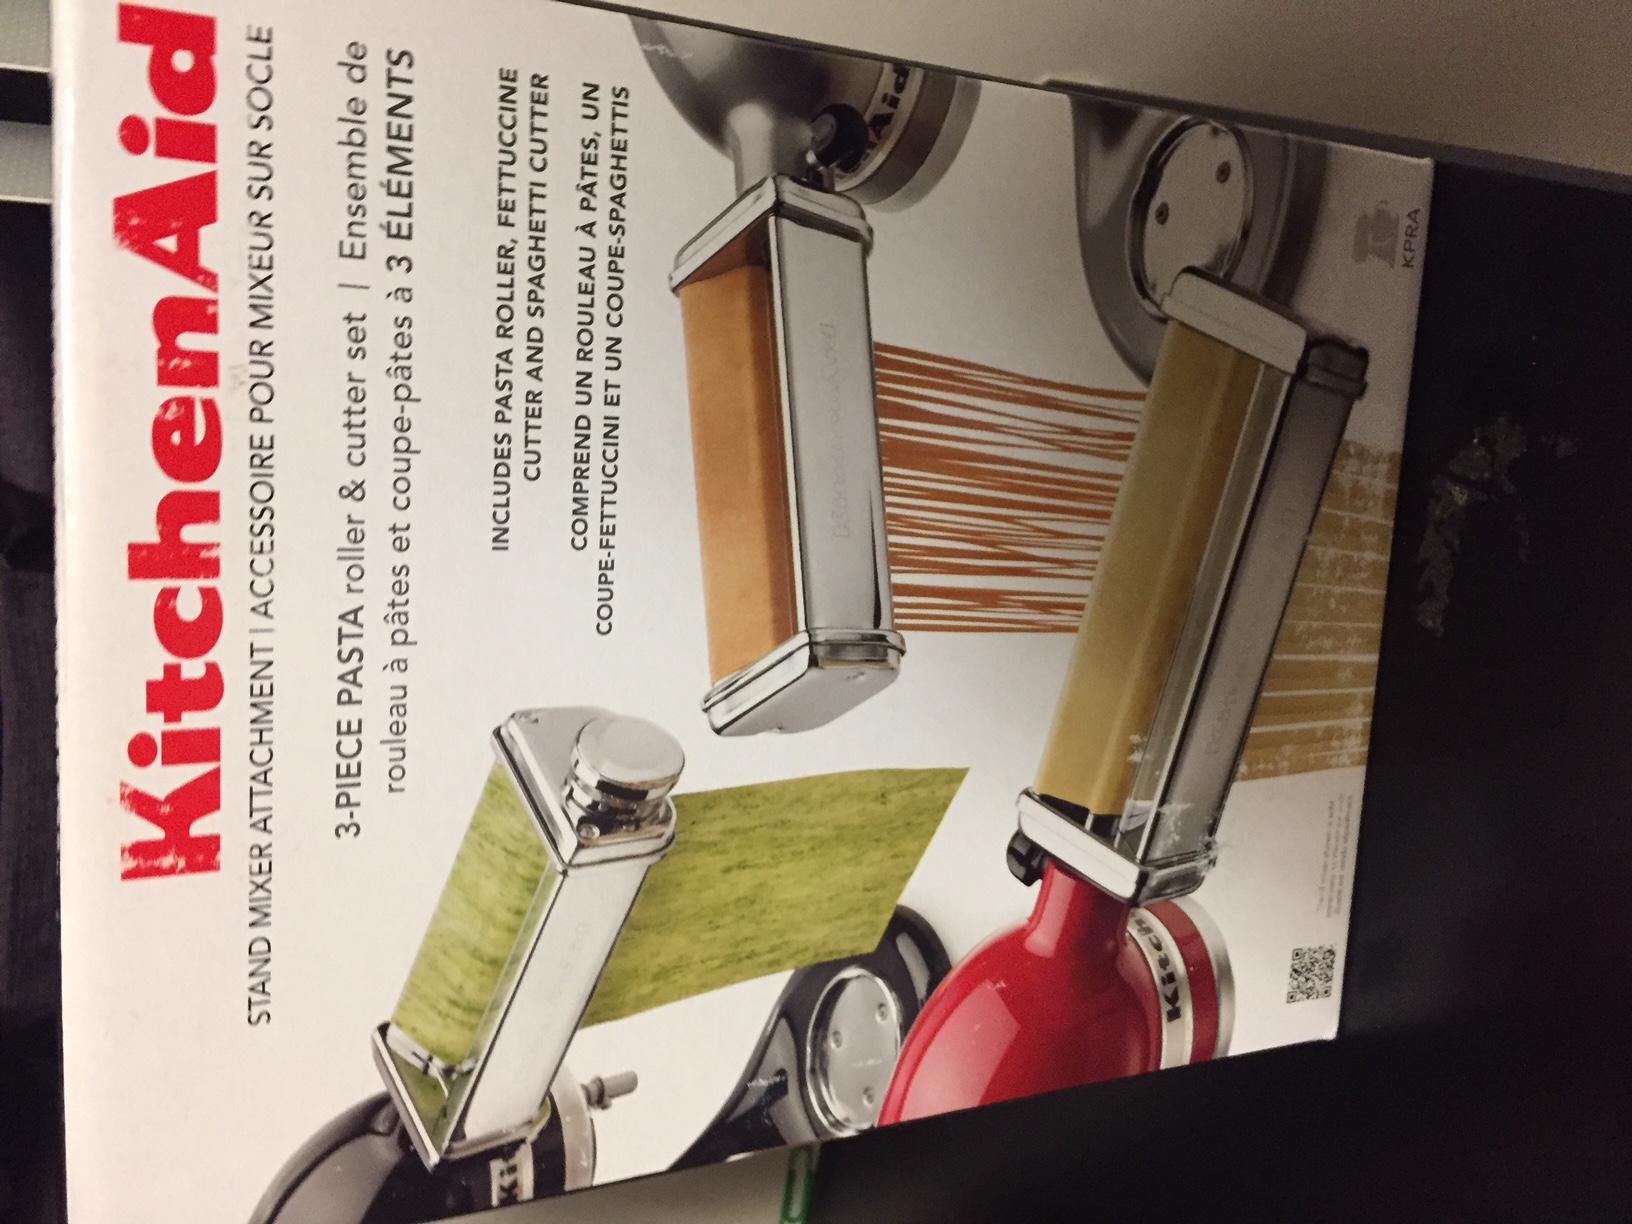 Kitchenaid 3 Piece Pasta Roller Cutter Attachment Set 89 99